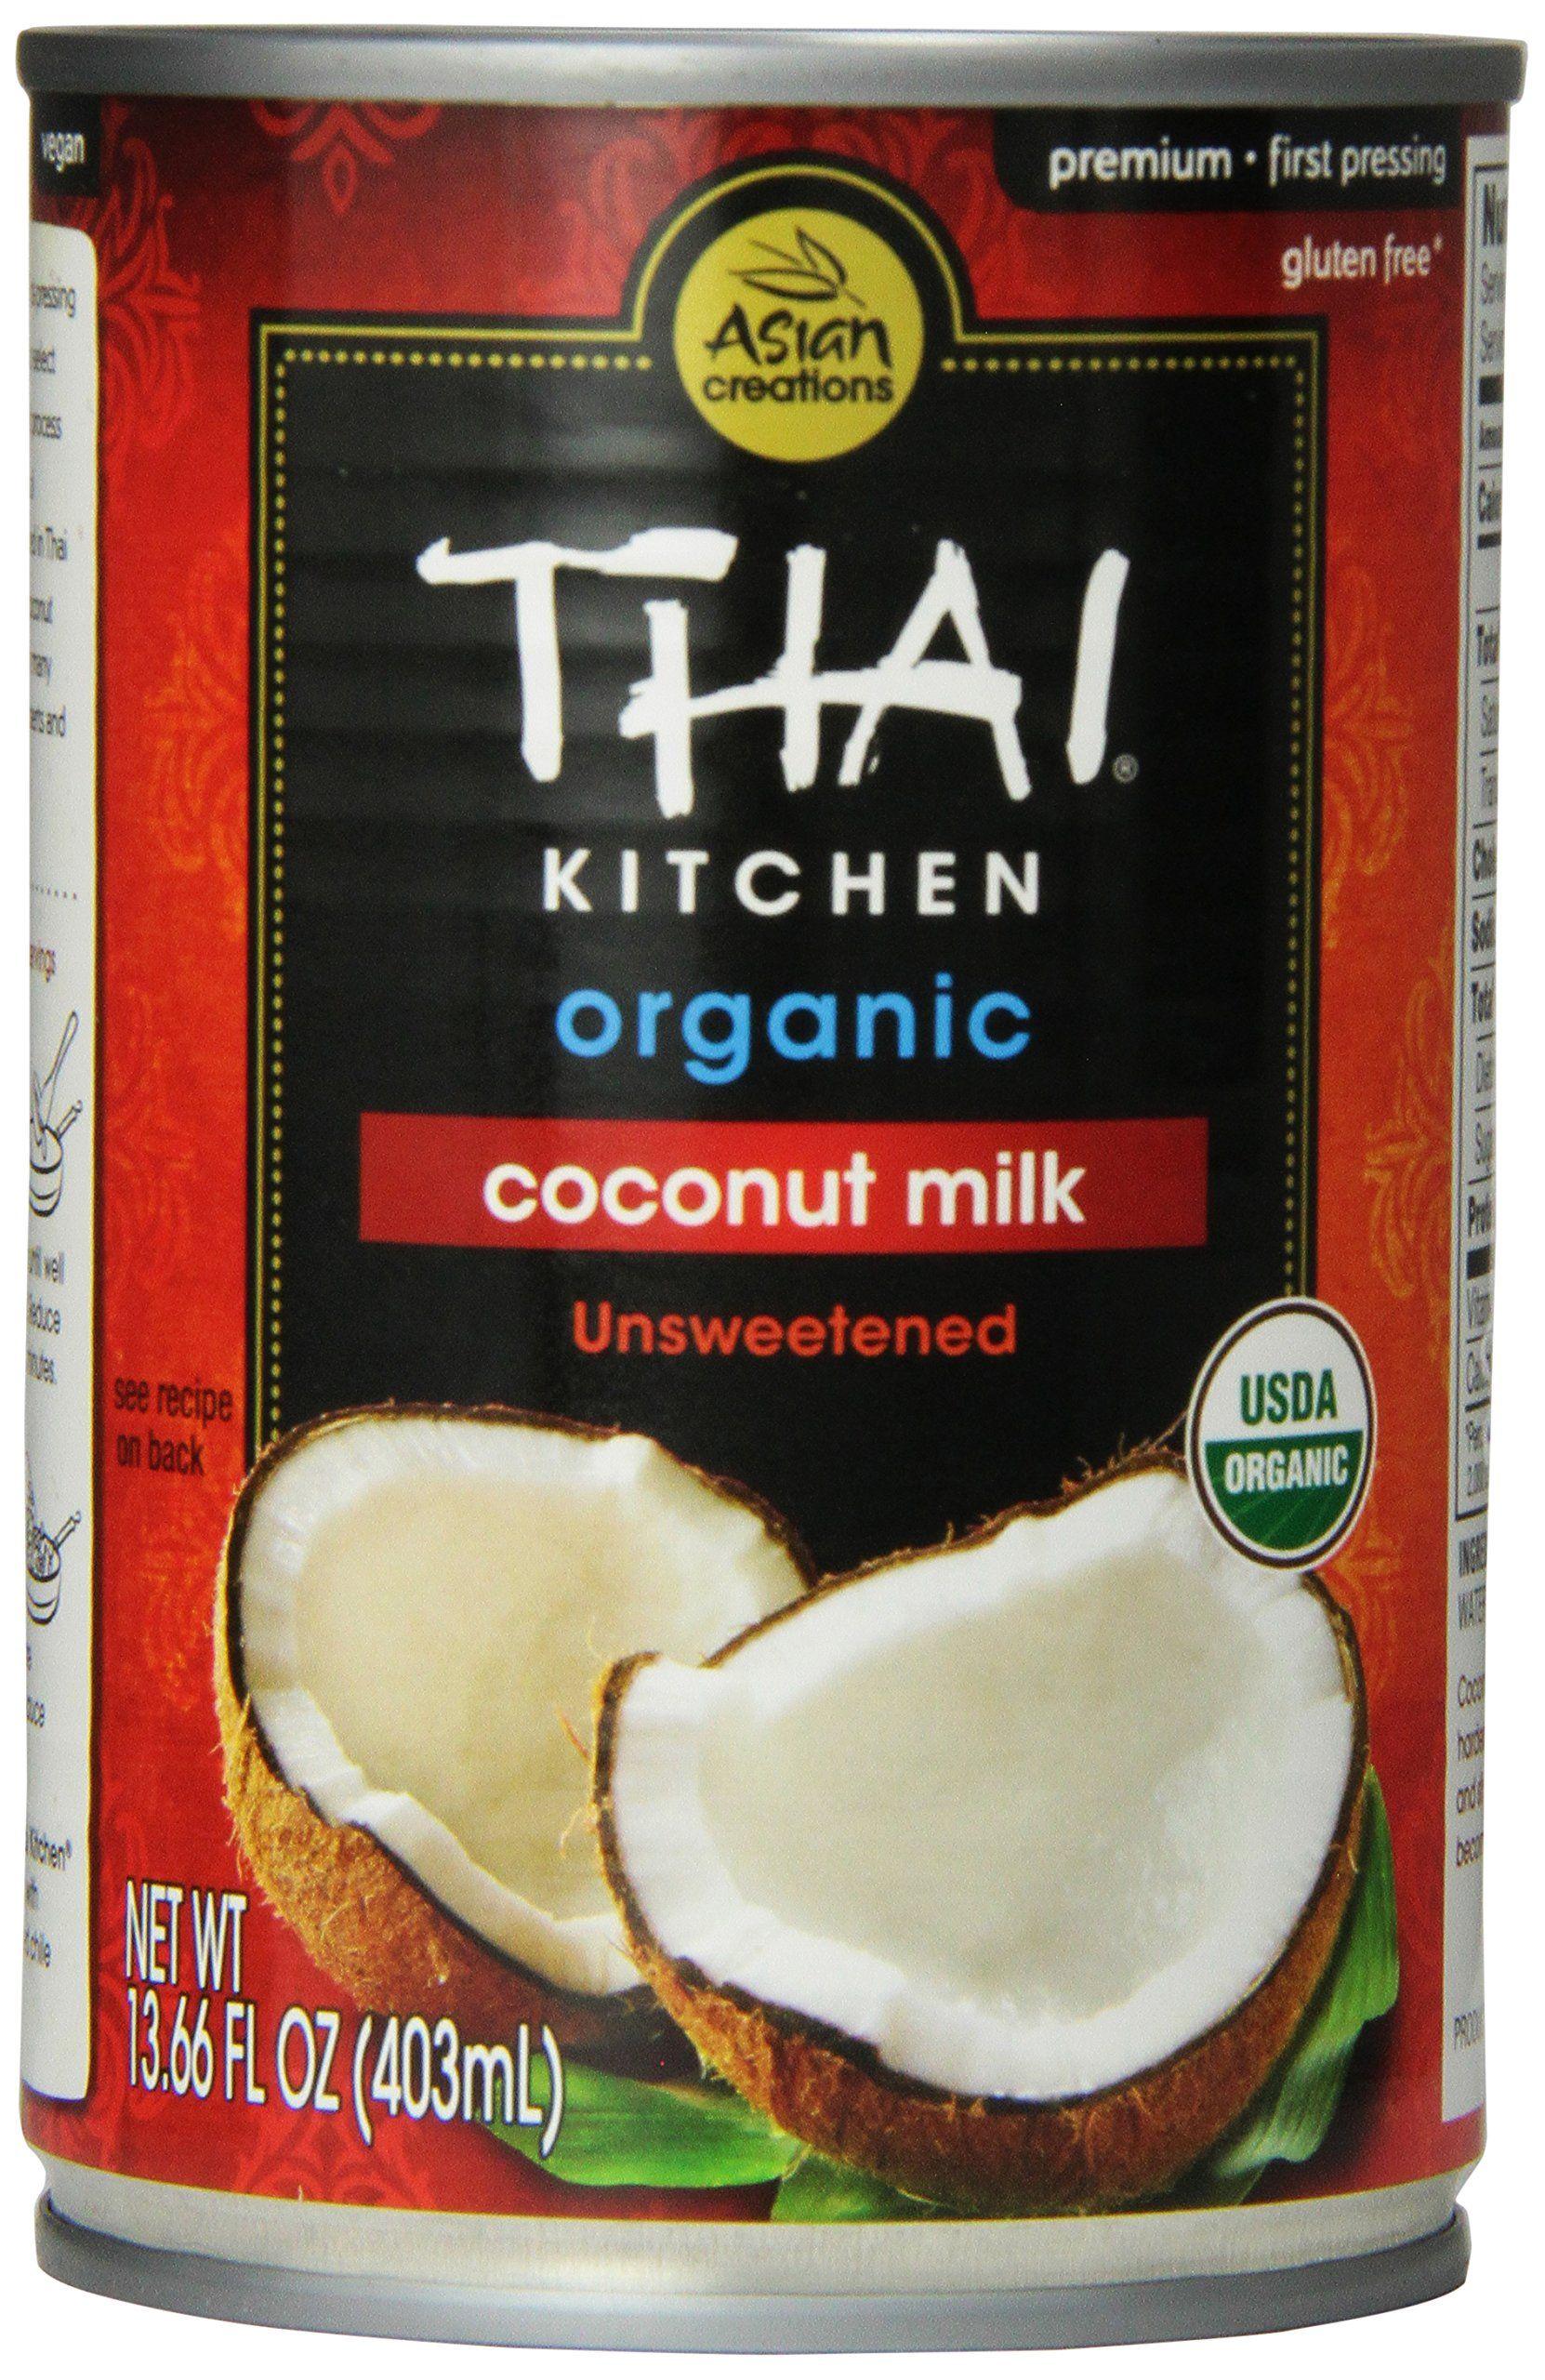 Admirable Thai Kitchen Organic Coconut Milk Premium First Pressing Interior Design Ideas Clesiryabchikinfo